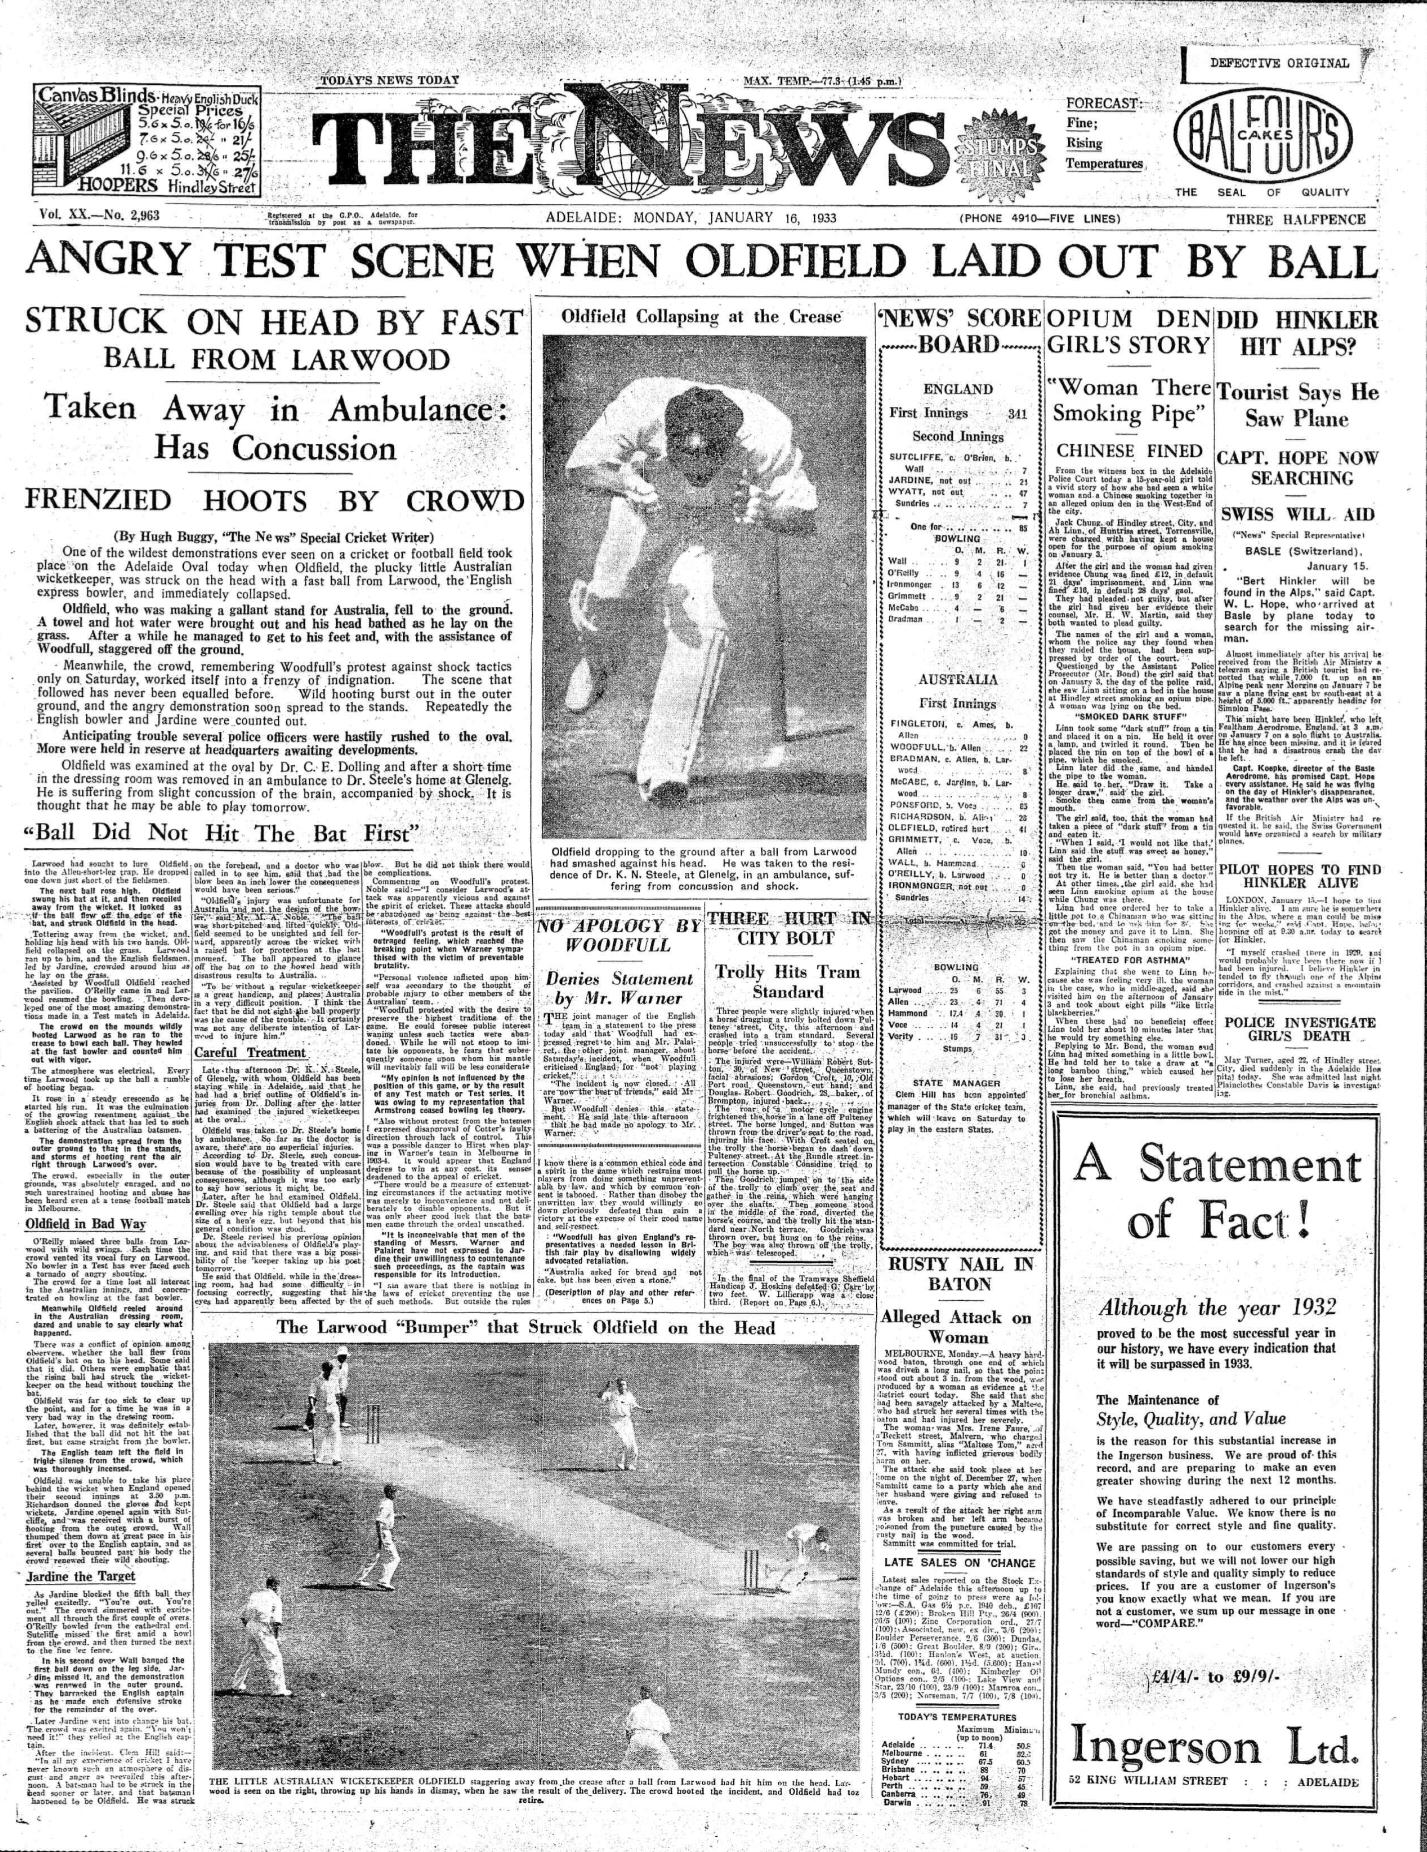 News Bodyline 16 Jan 1933